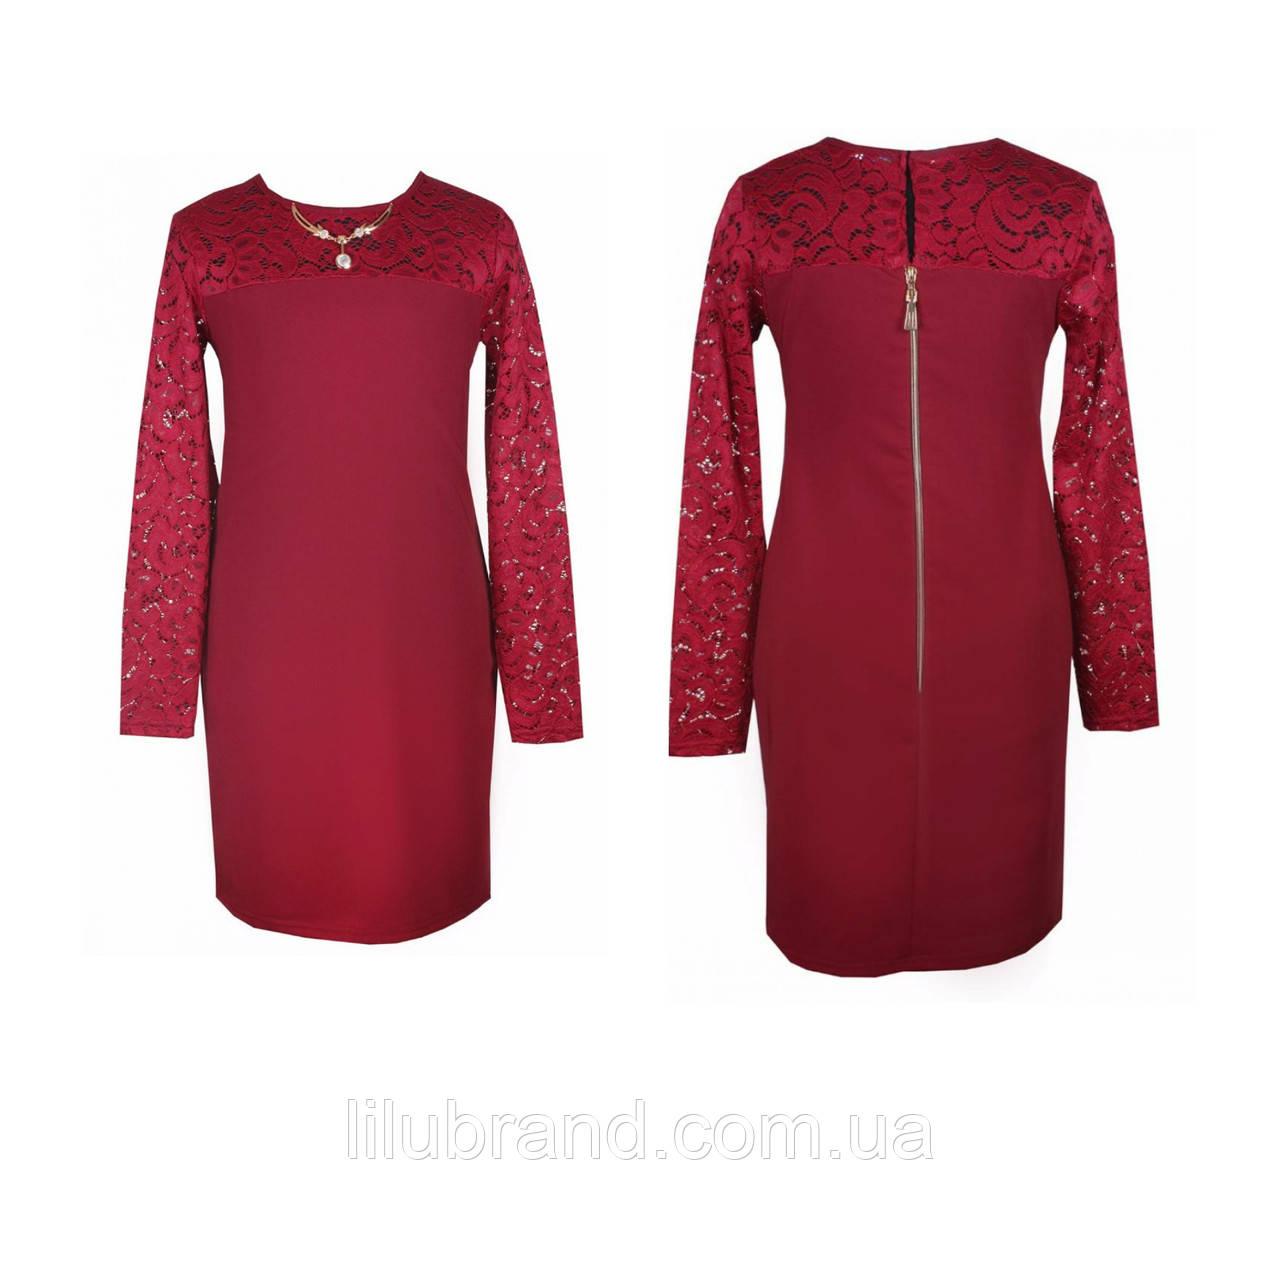 114f56925e2 Нарядное платье на девочку Луиза-2